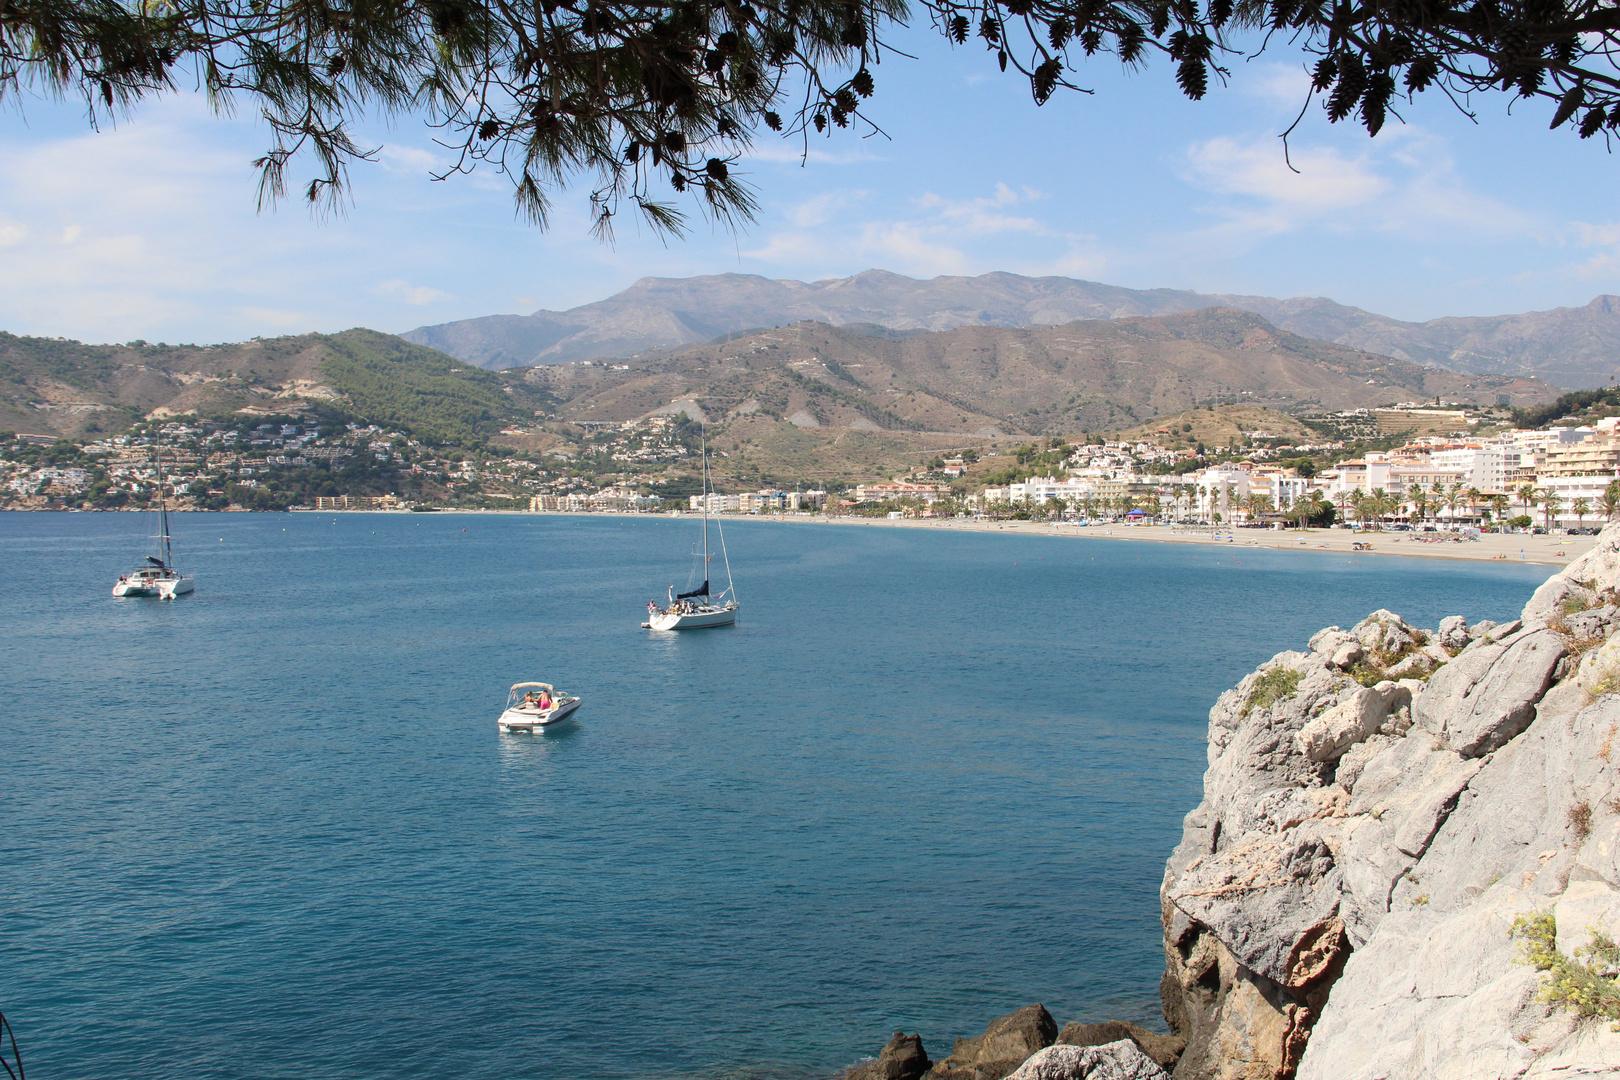 Die Bucht von La Herradura, im Hintergrund die Berge der Sierra de Tejada.